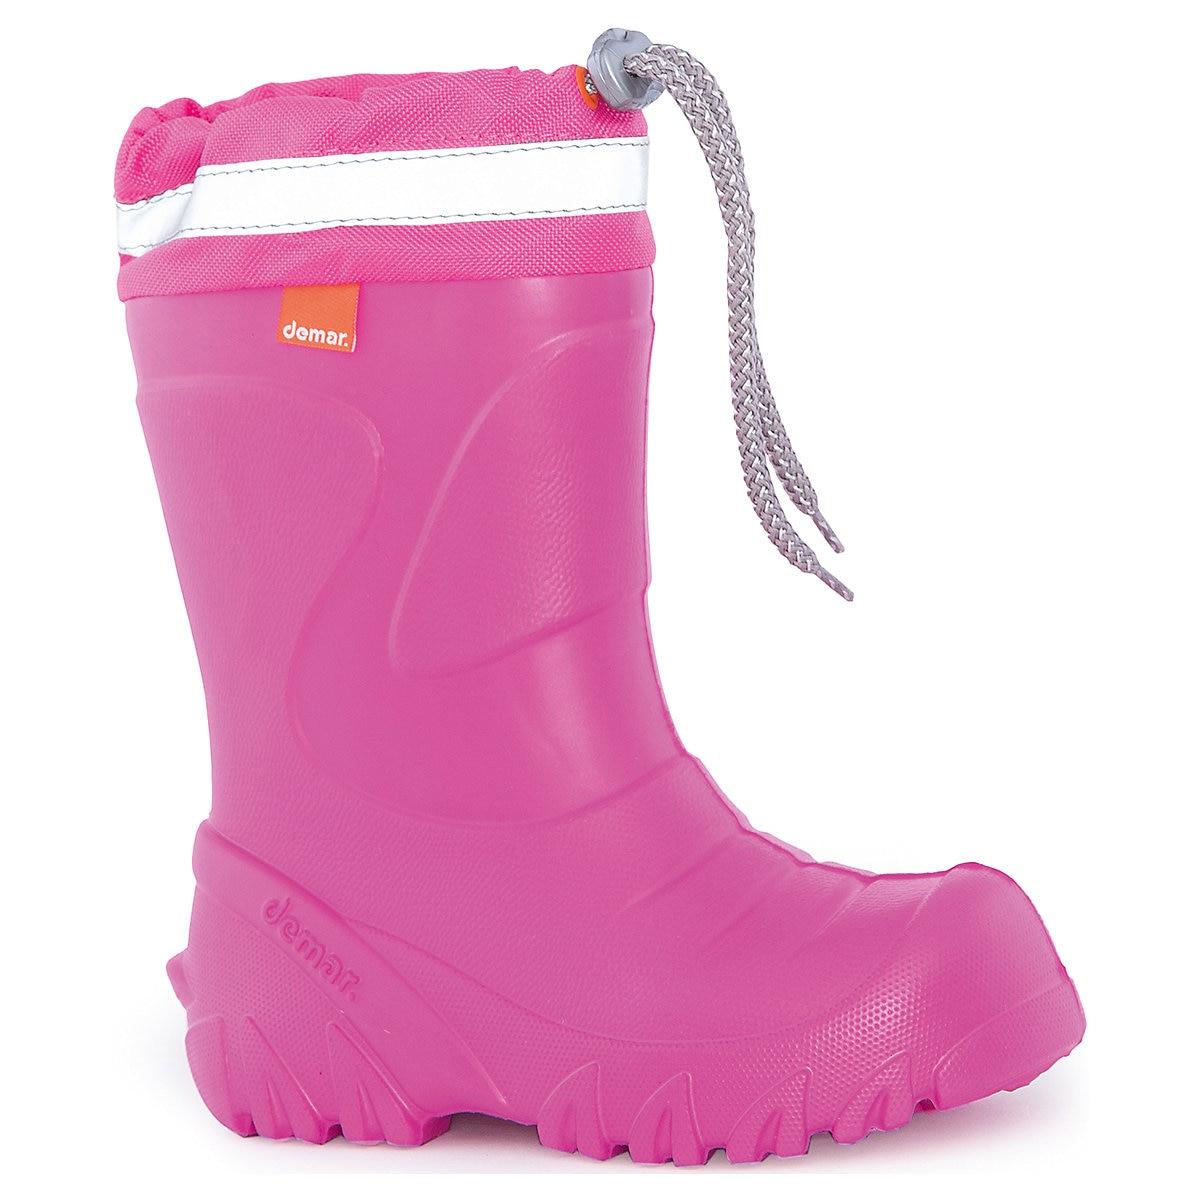 DEMAR Boots 4948833 girls All Seasons Rubber Children shoes girl demar boots 4948841 boys all seasons rubber baby shoes boy